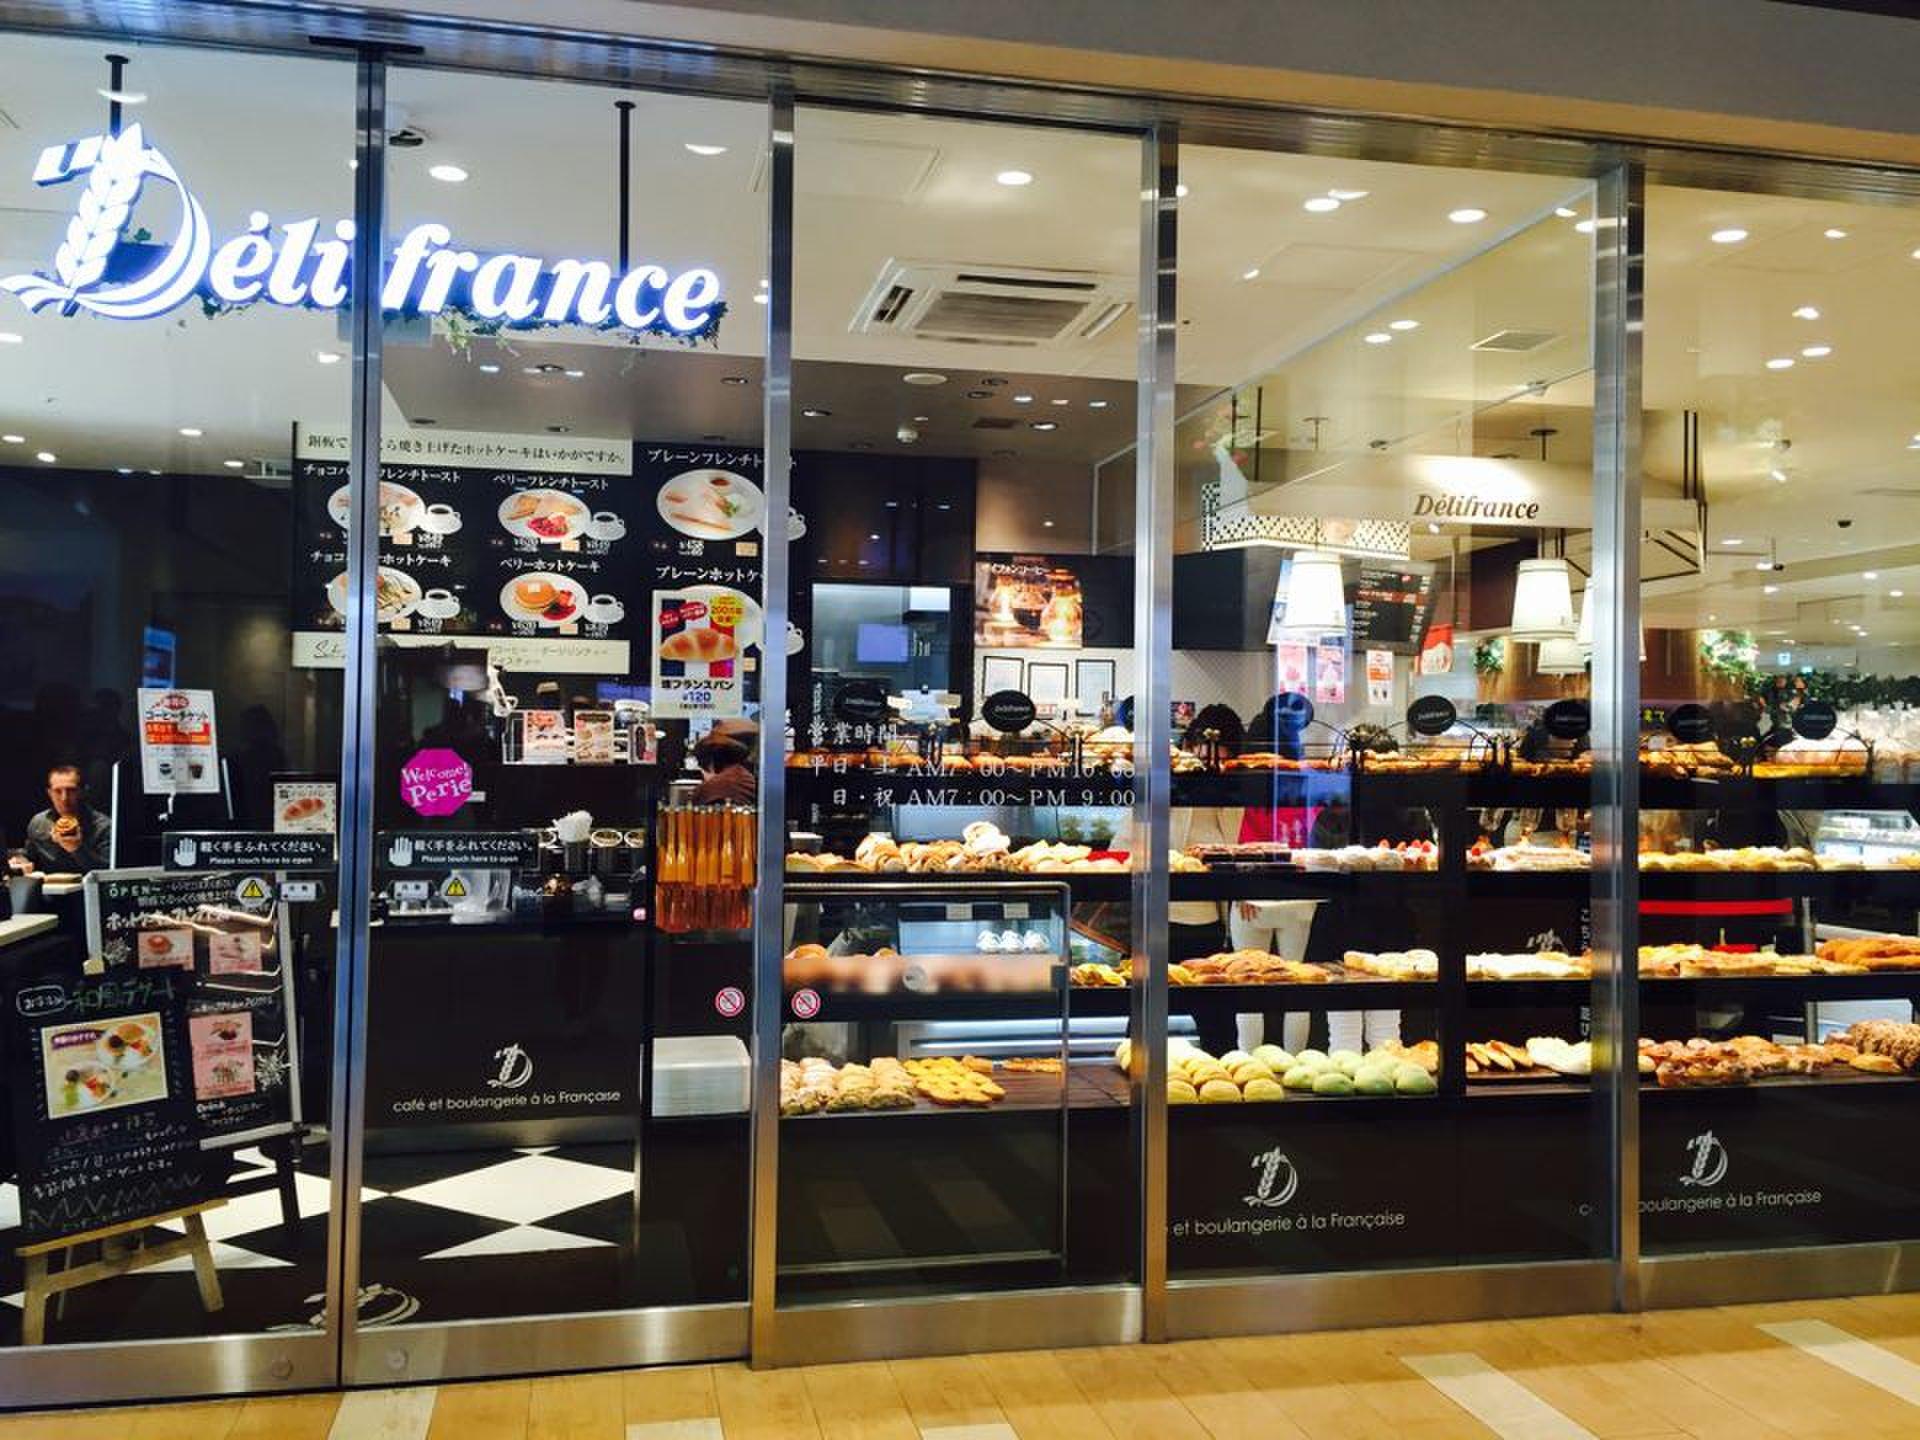 Deli France 海浜幕張店 (デリフランス)